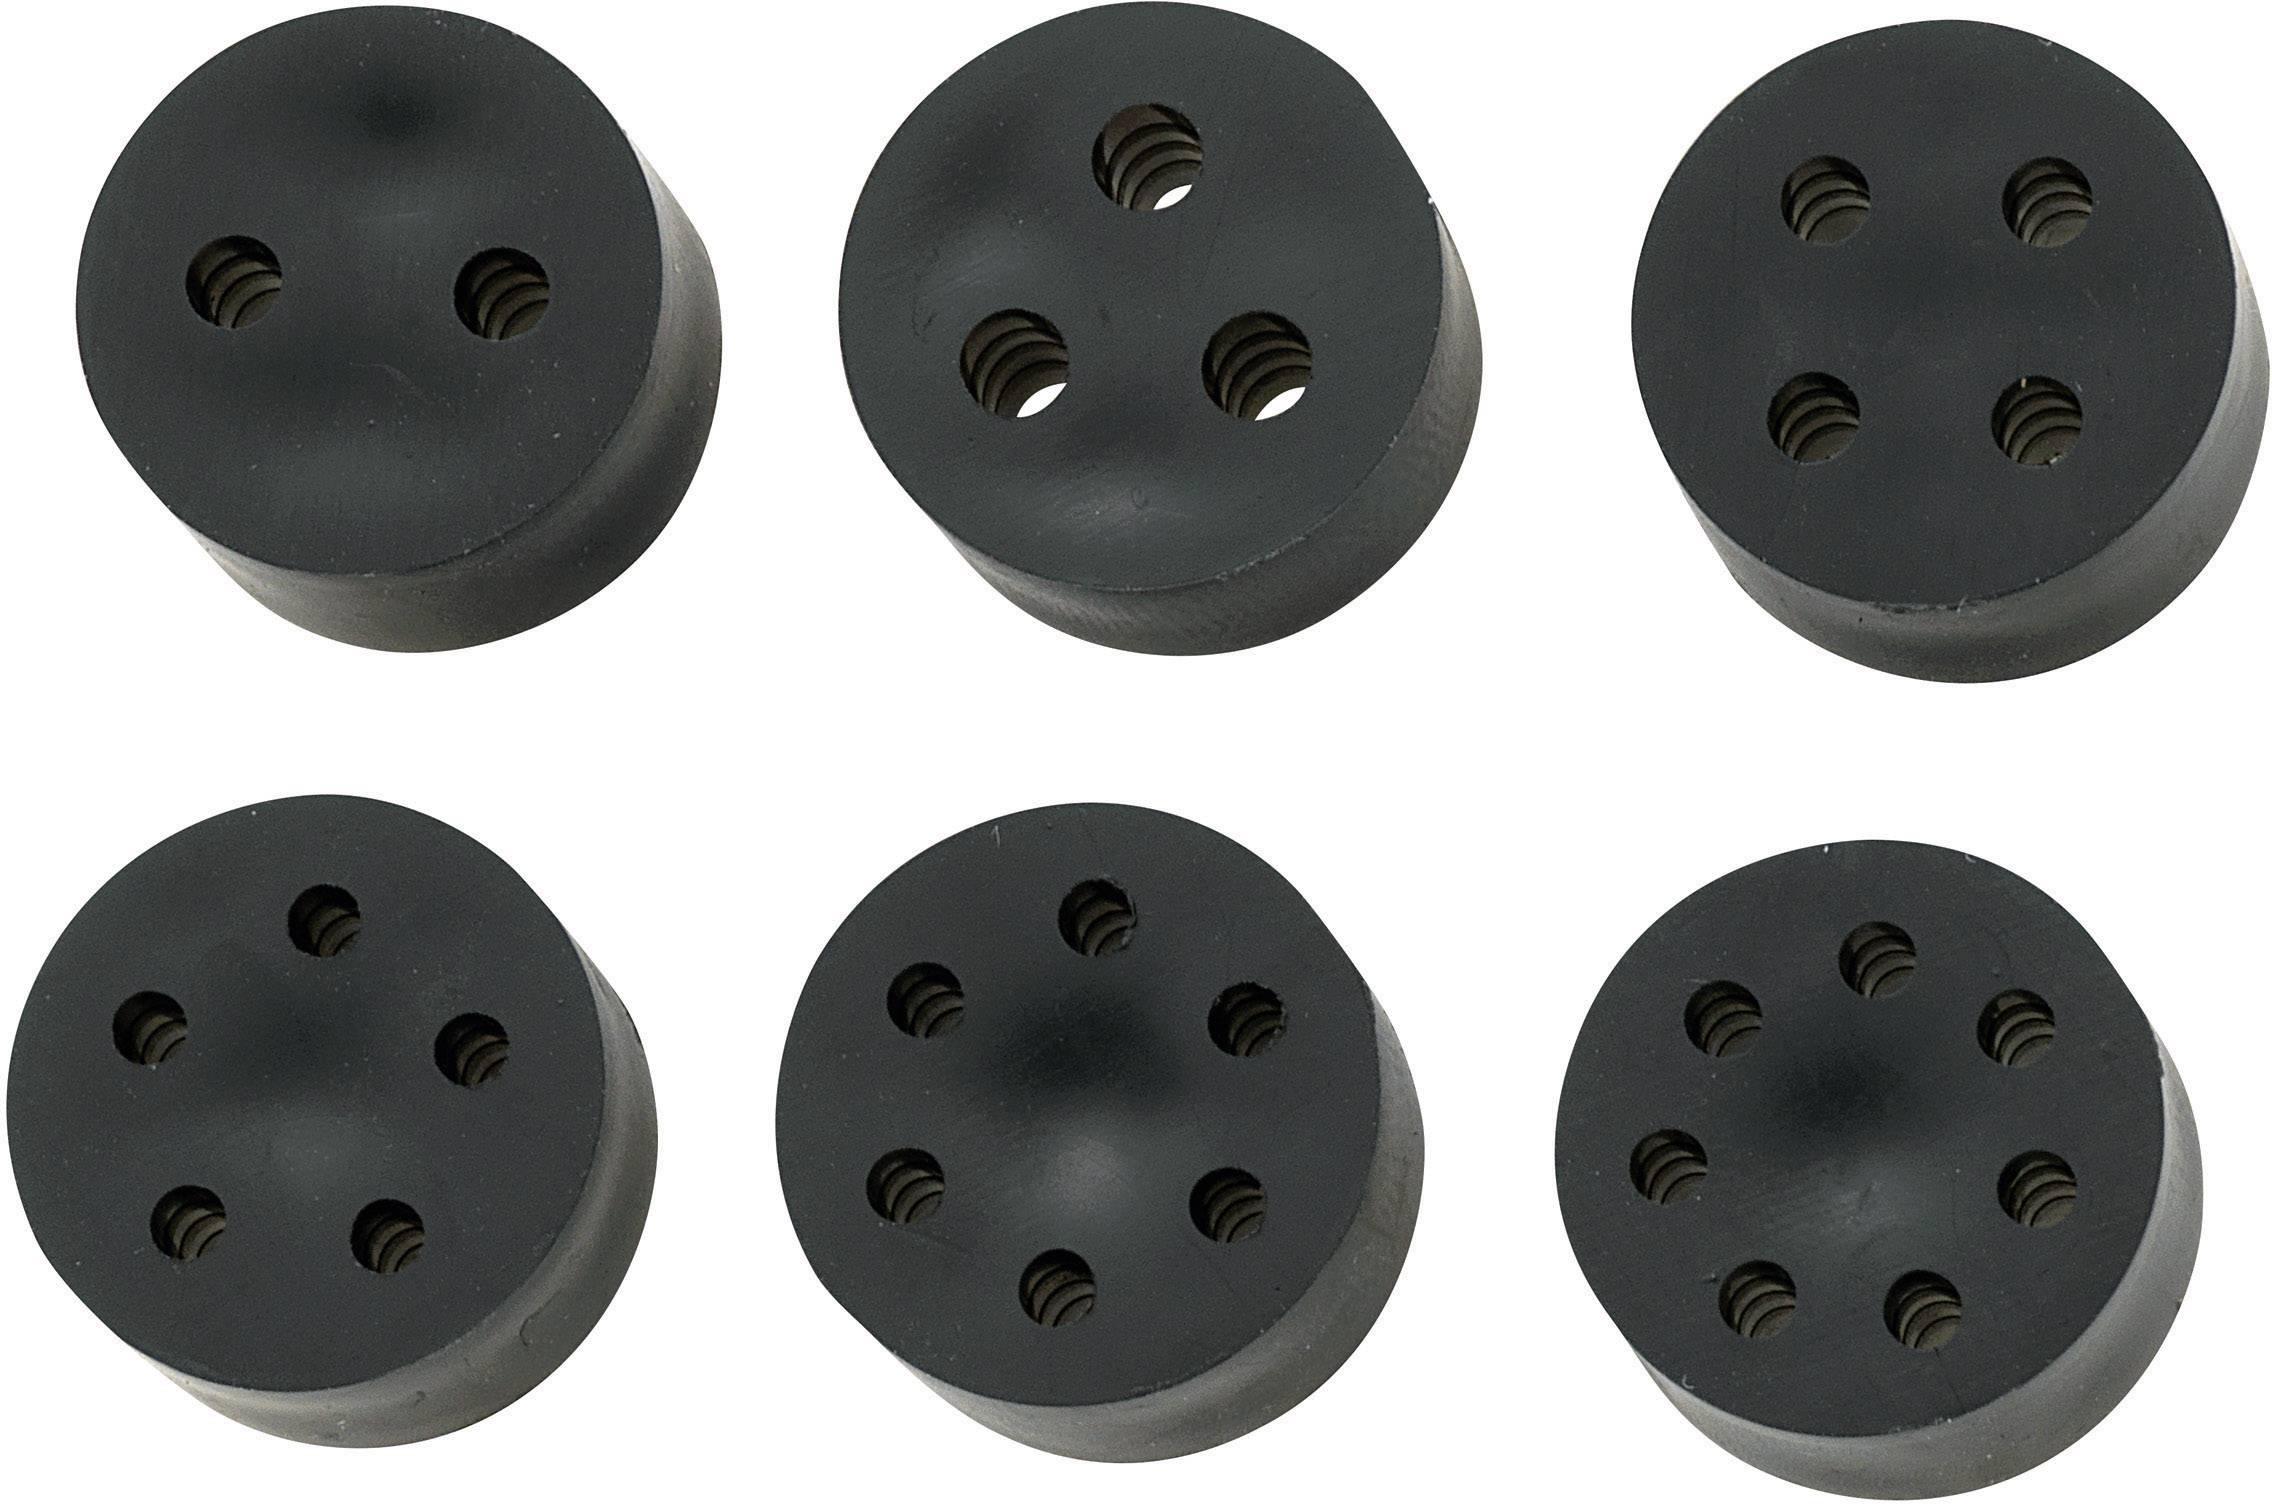 Tesniaca vložka s viacerými priechodmi KSS MH23-4G, M25, guma, 1 ks